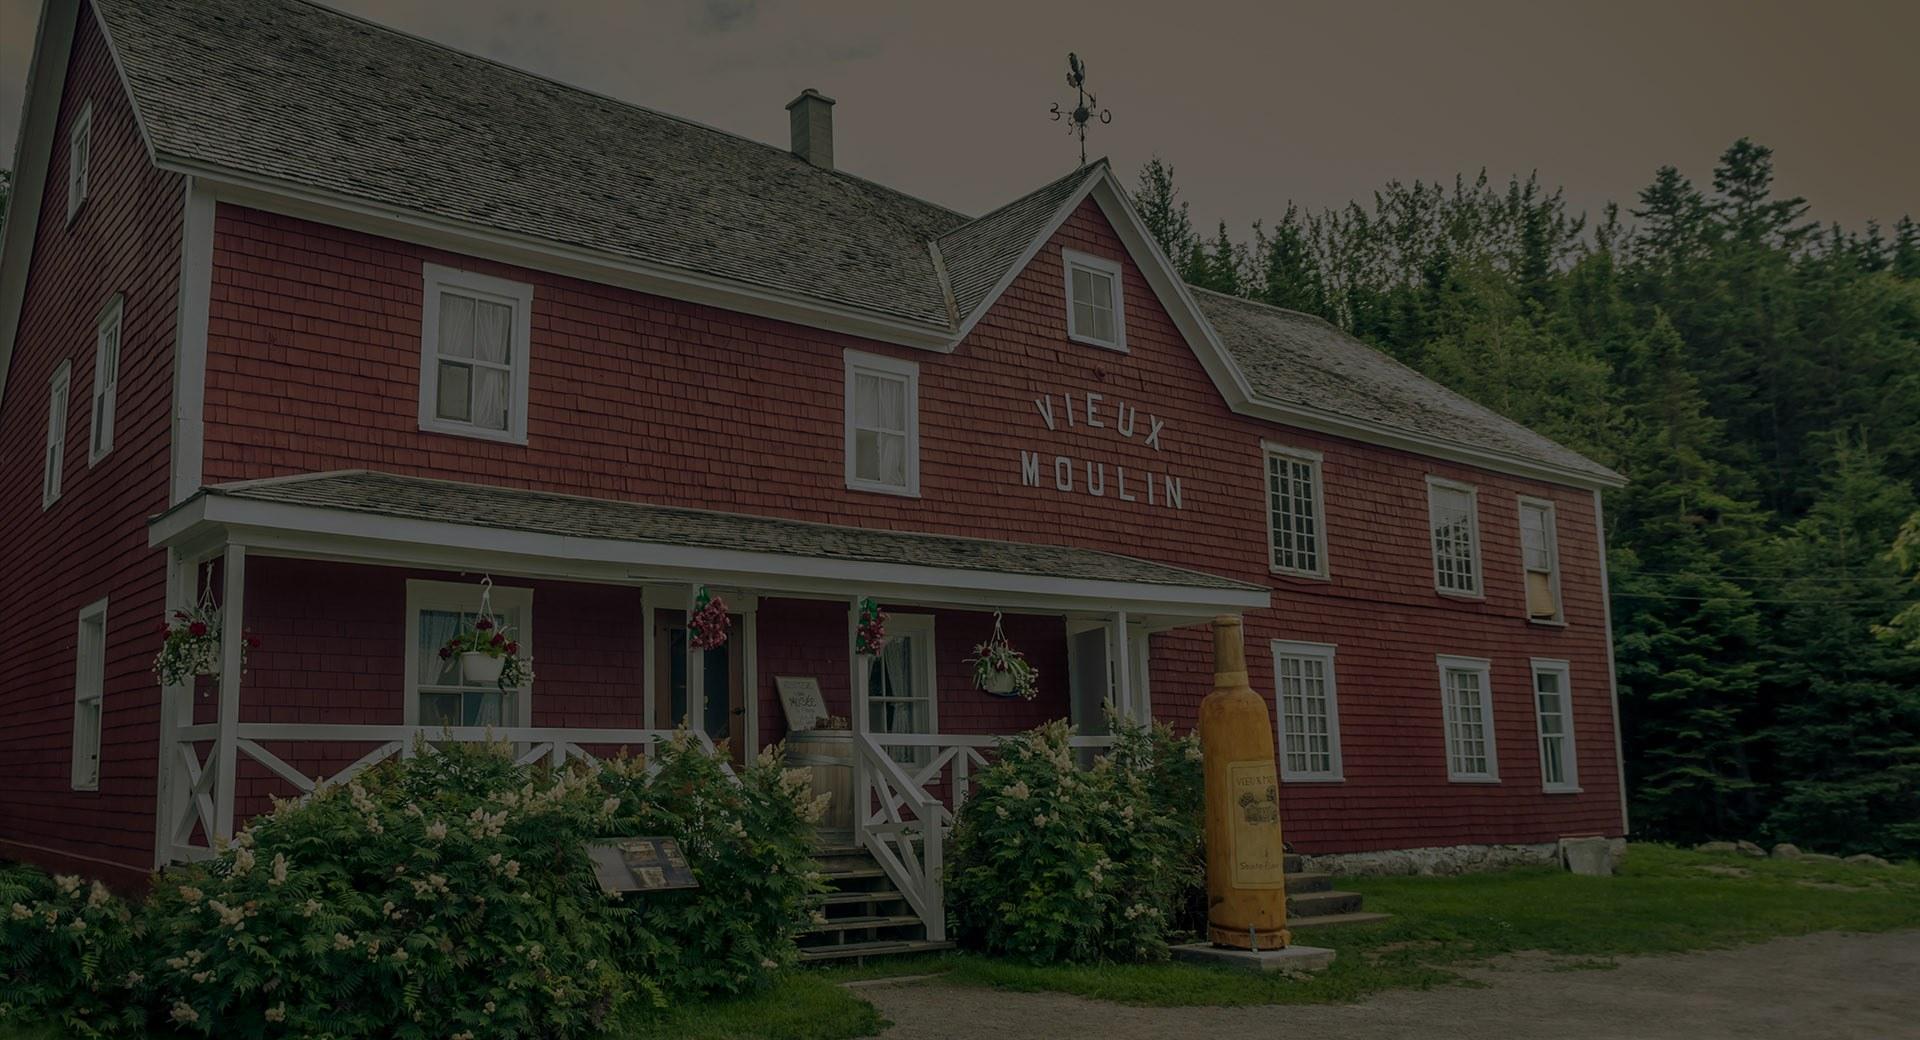 vieux-moulin-sainte-flavie-hébergement-motel